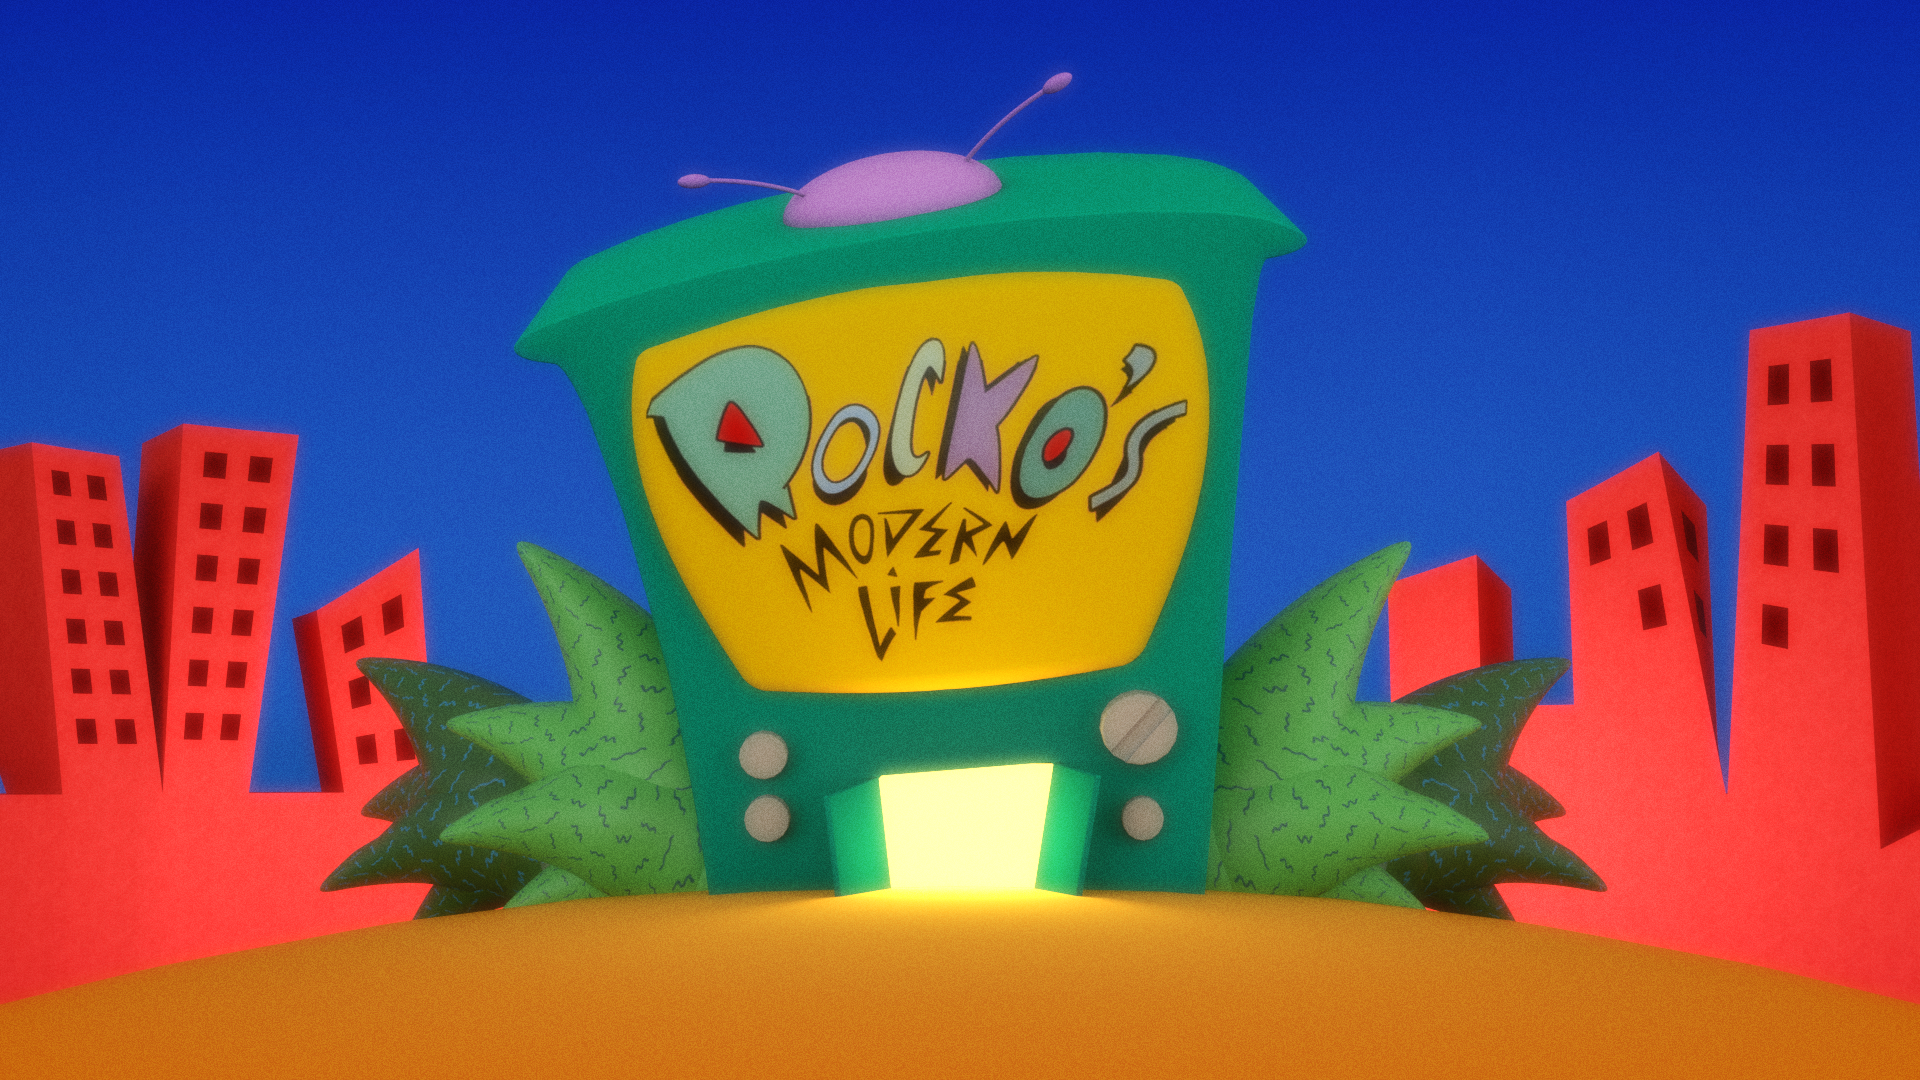 12.1.19_Rockos_Modern_Life_v1_edit